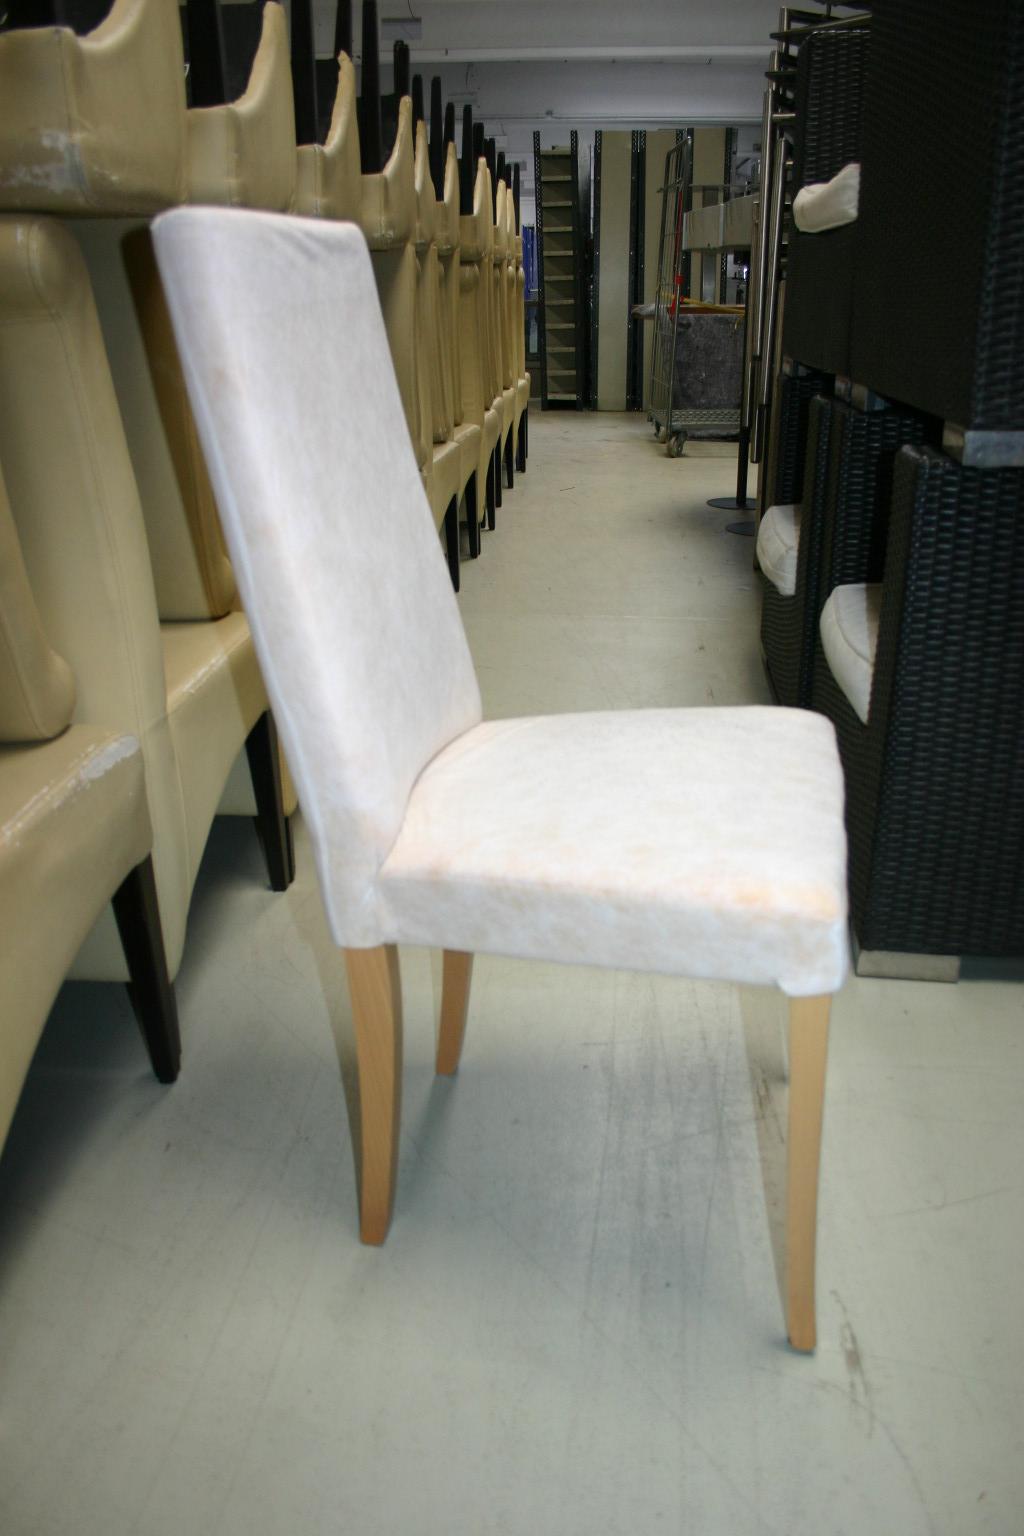 66x stuhl f r restaurant mit buche gestell und stuhlh lle. Black Bedroom Furniture Sets. Home Design Ideas